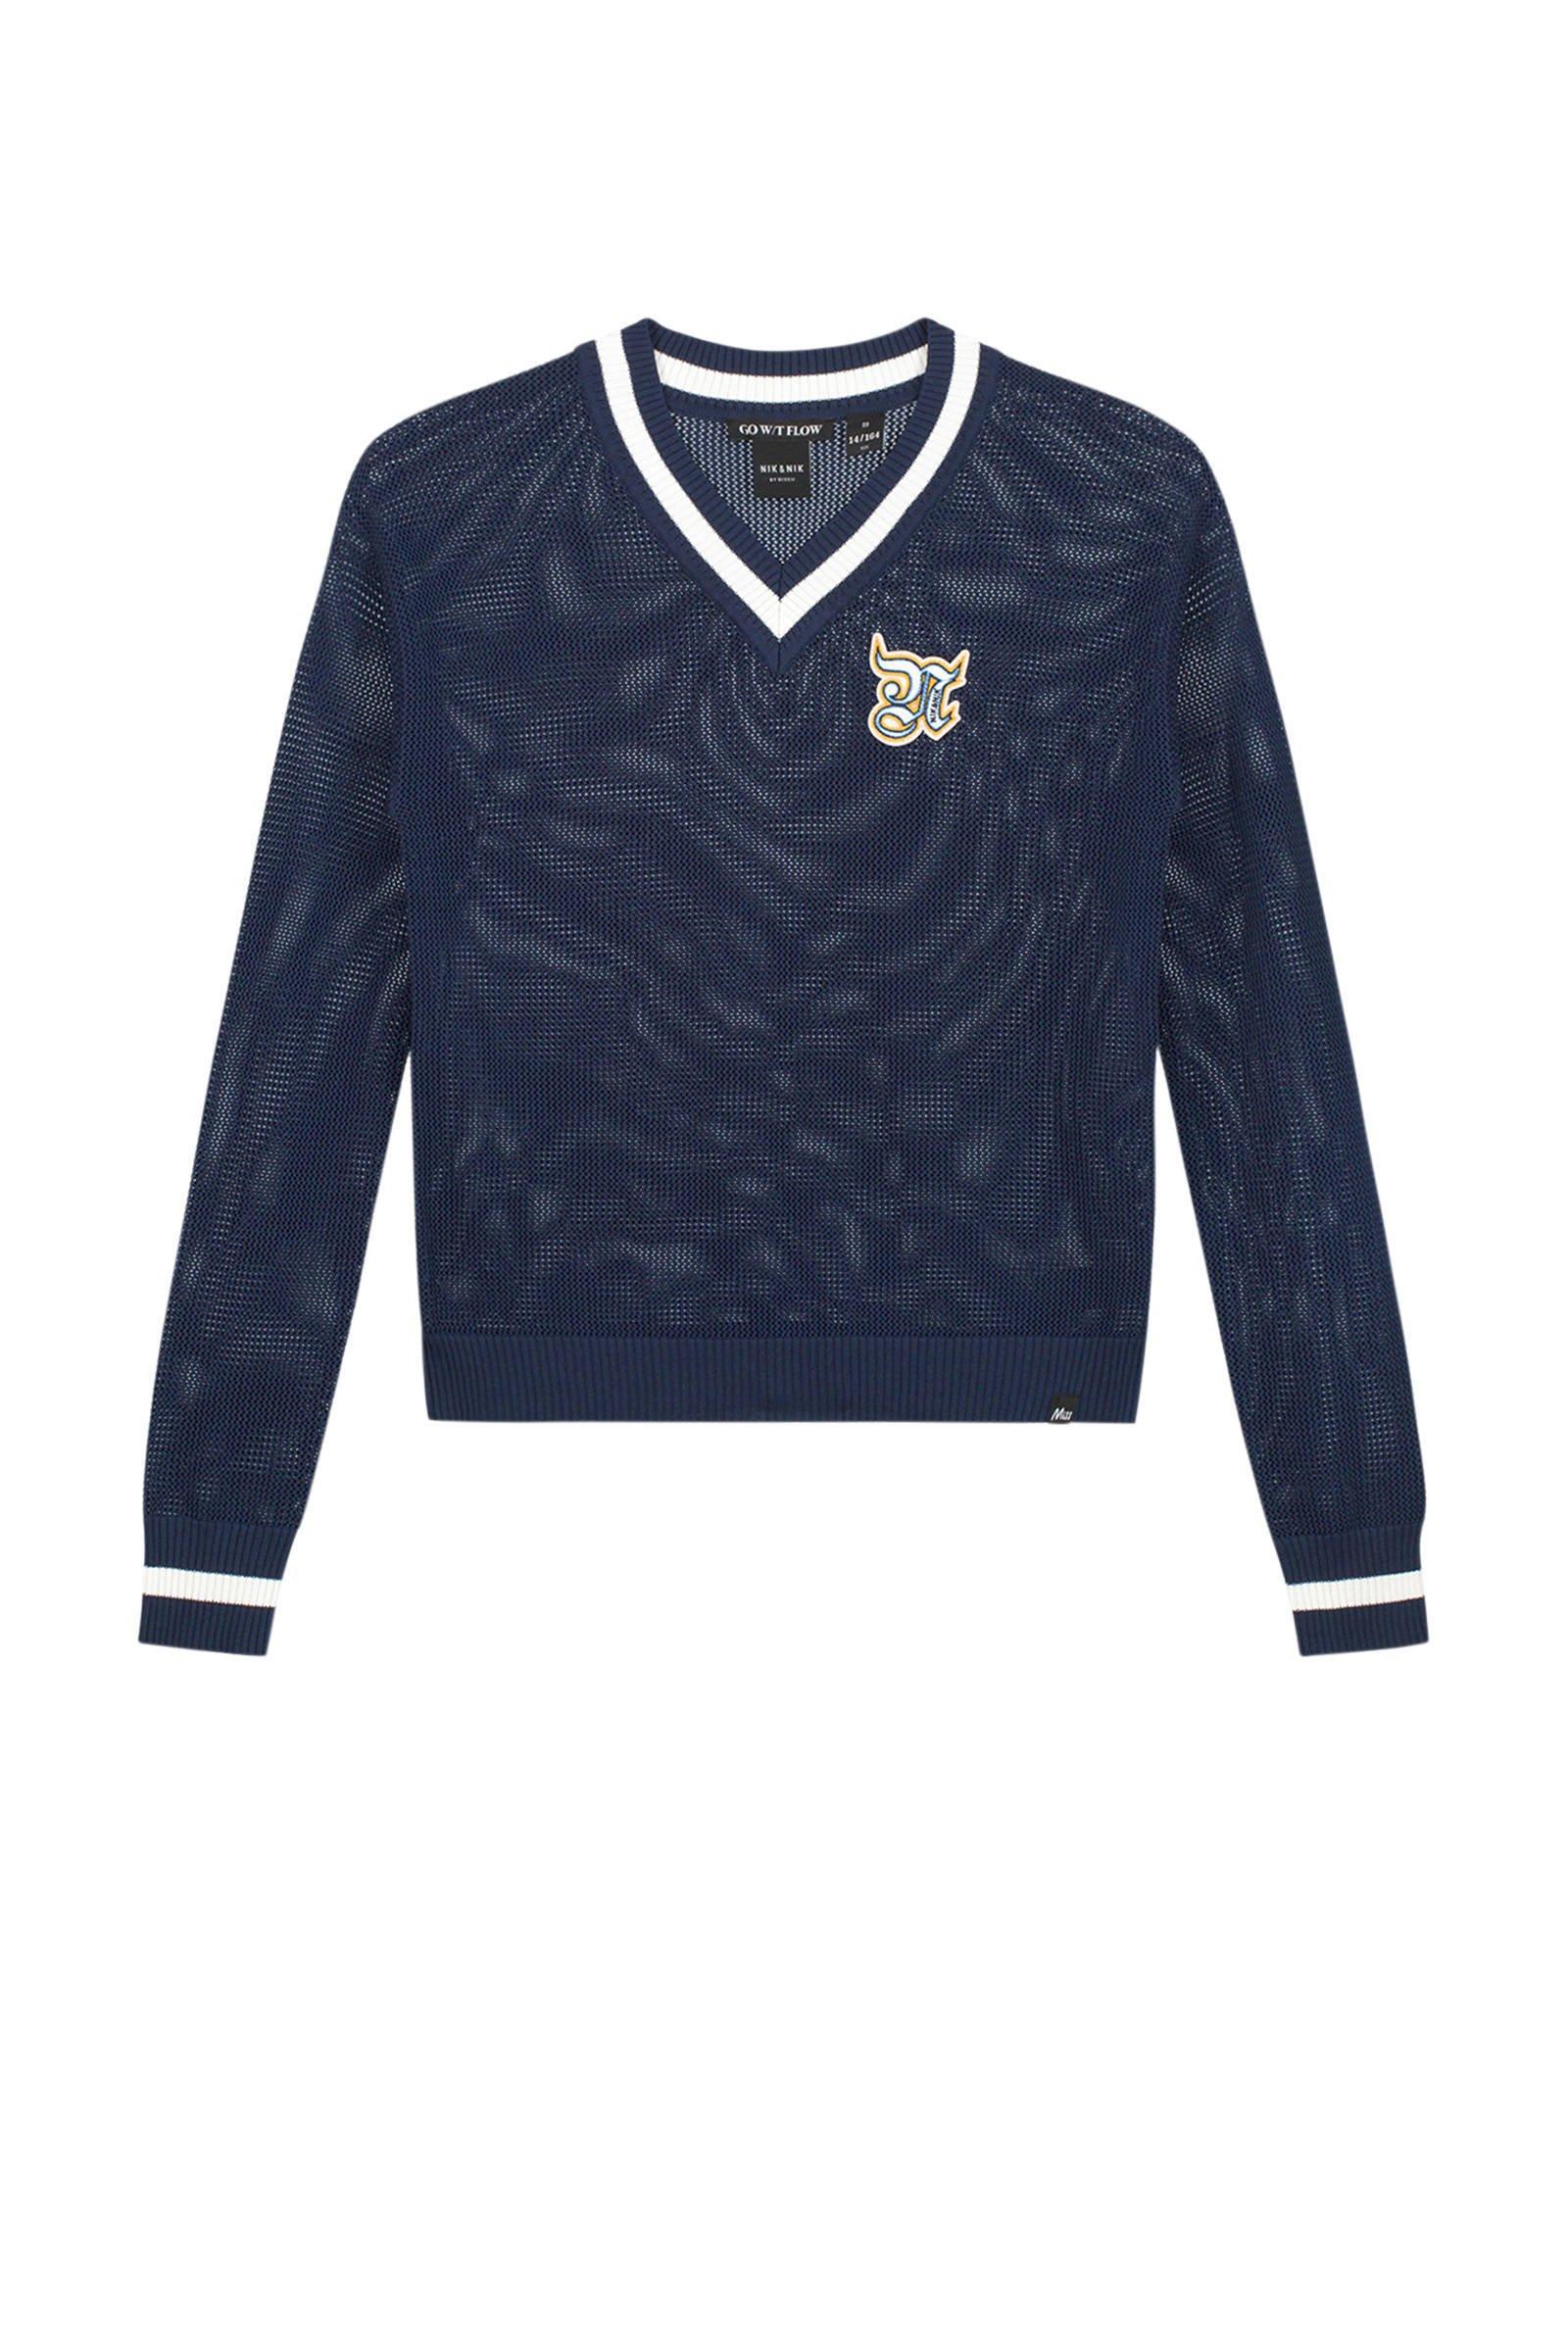 NIK&NIK trui Stanford met logo blauw/wit - maat 152